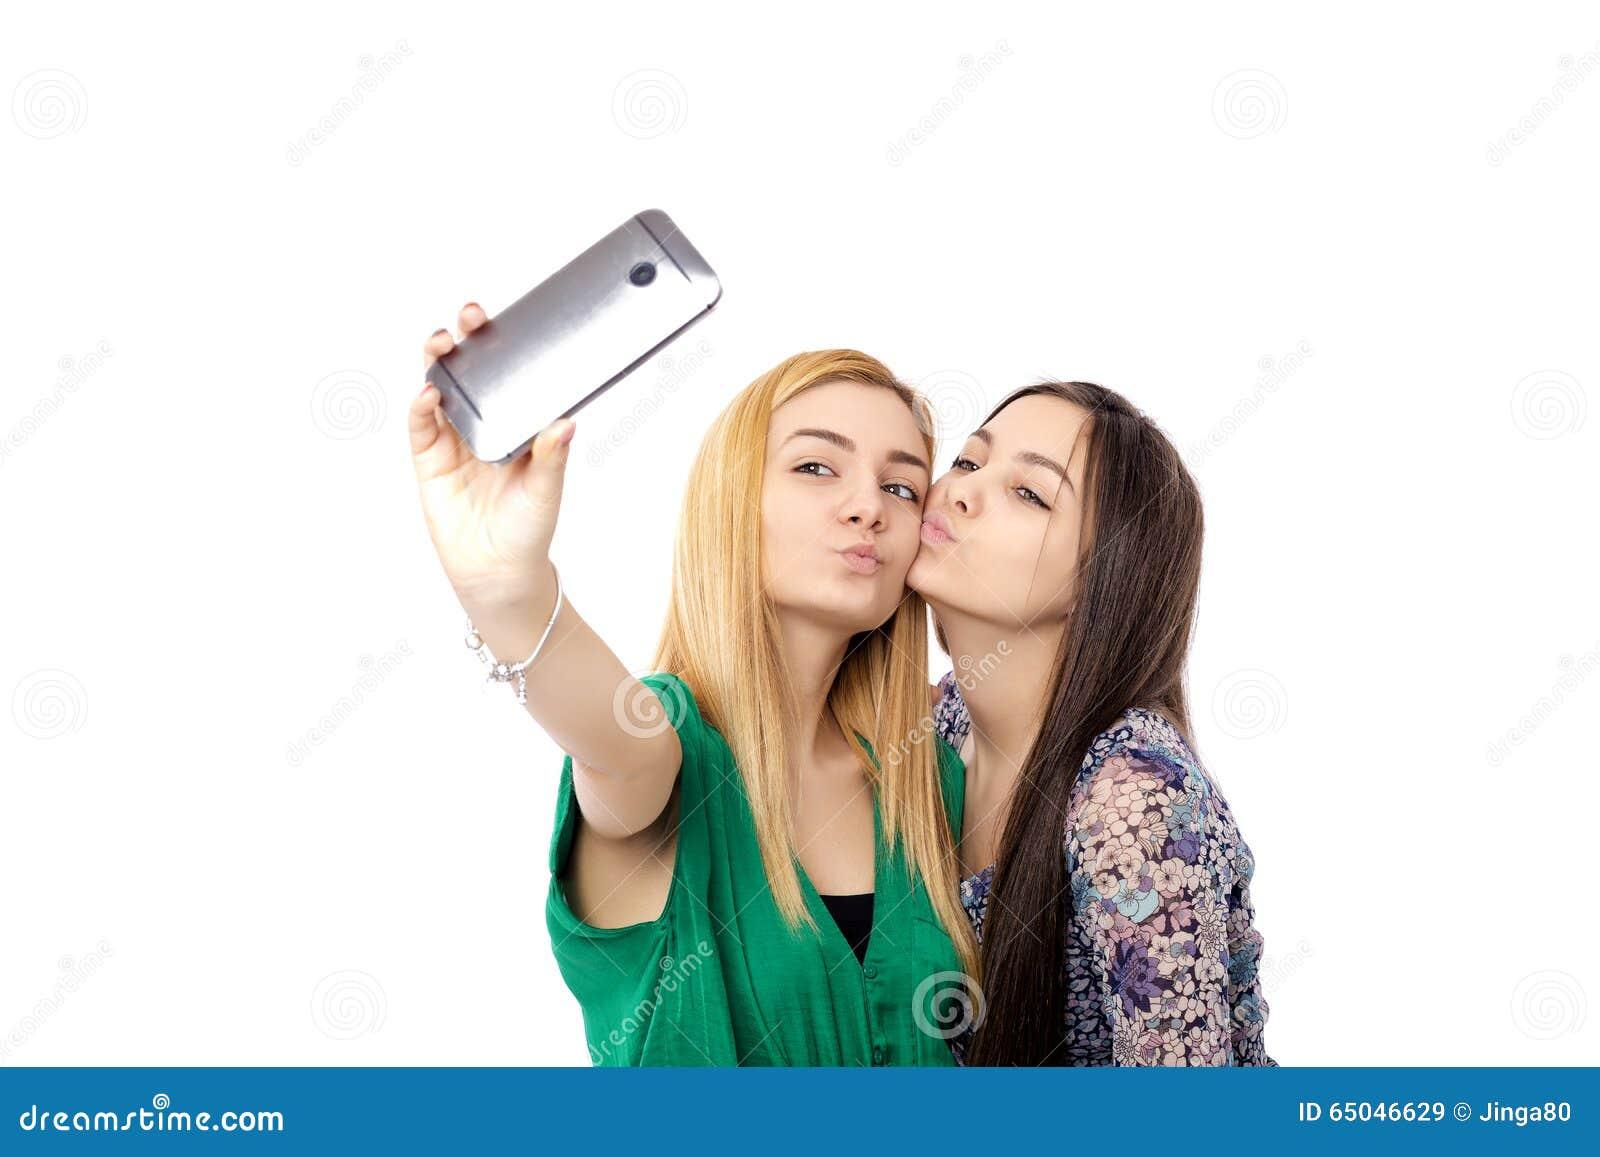 2 filles a jouer avec 1 bite